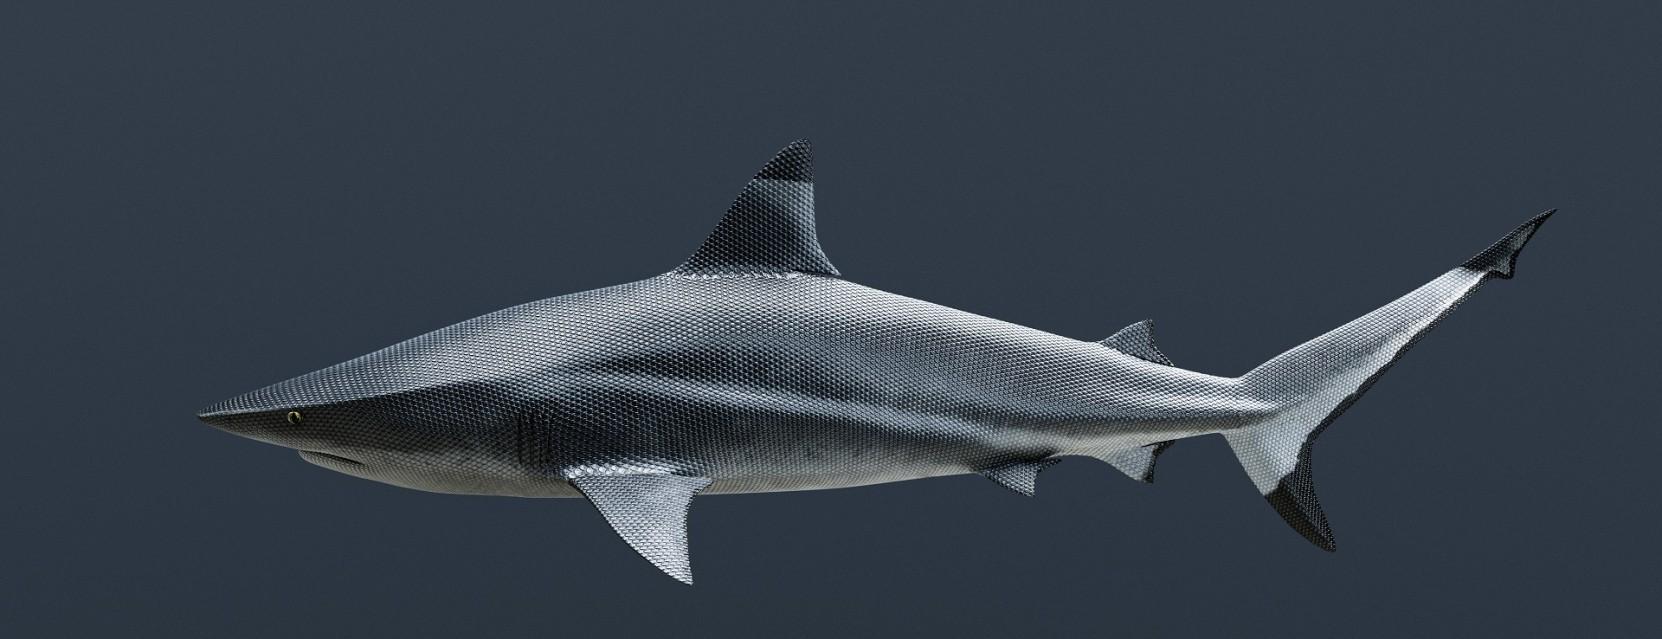 High Speed Shark - Vincent FOURNIER